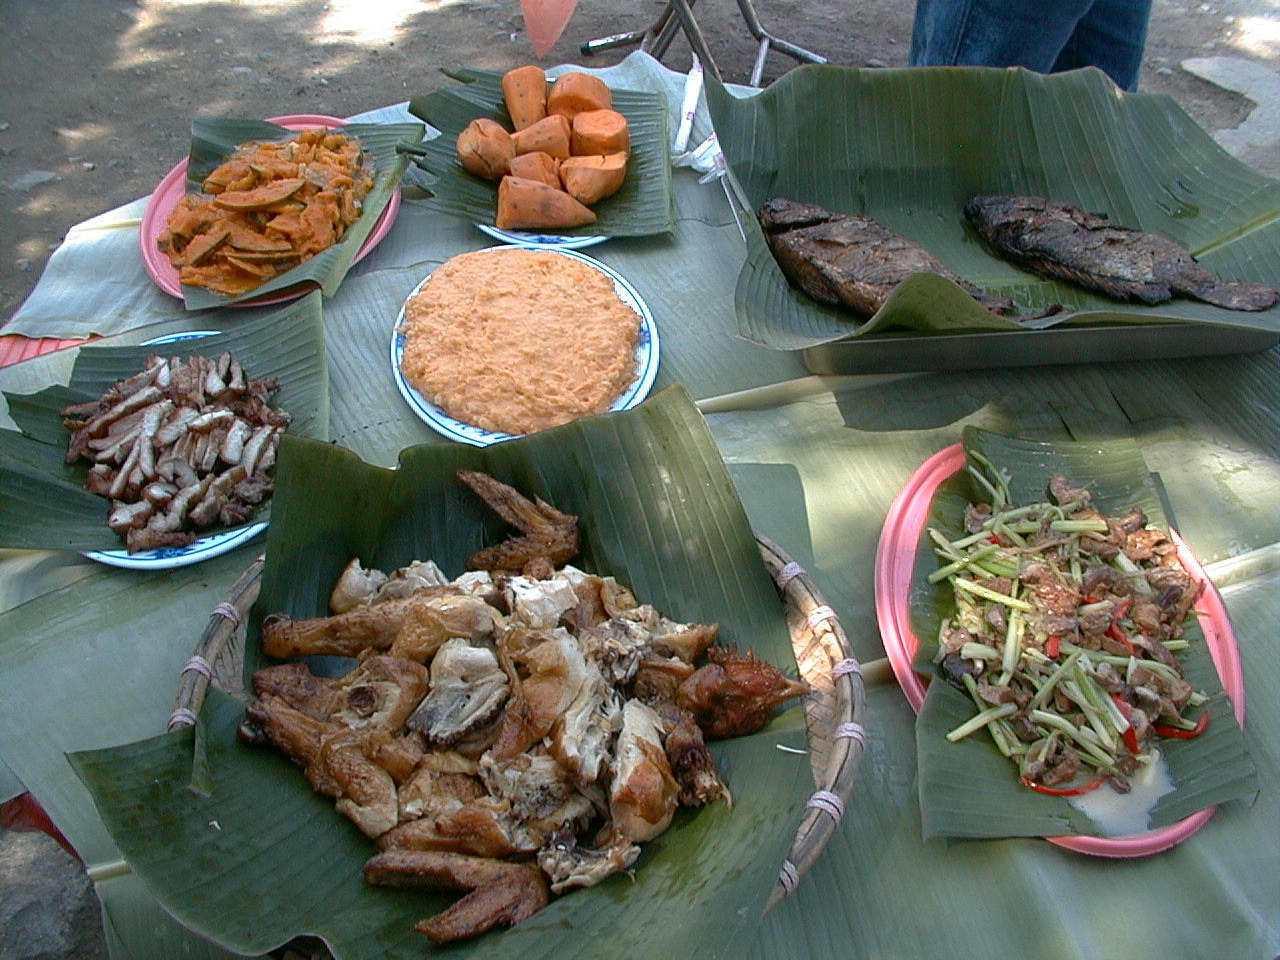 茶山部落有道地的原住民風味餐,讓遊客體驗不同的飲食文化。 圖/陳建任 攝影